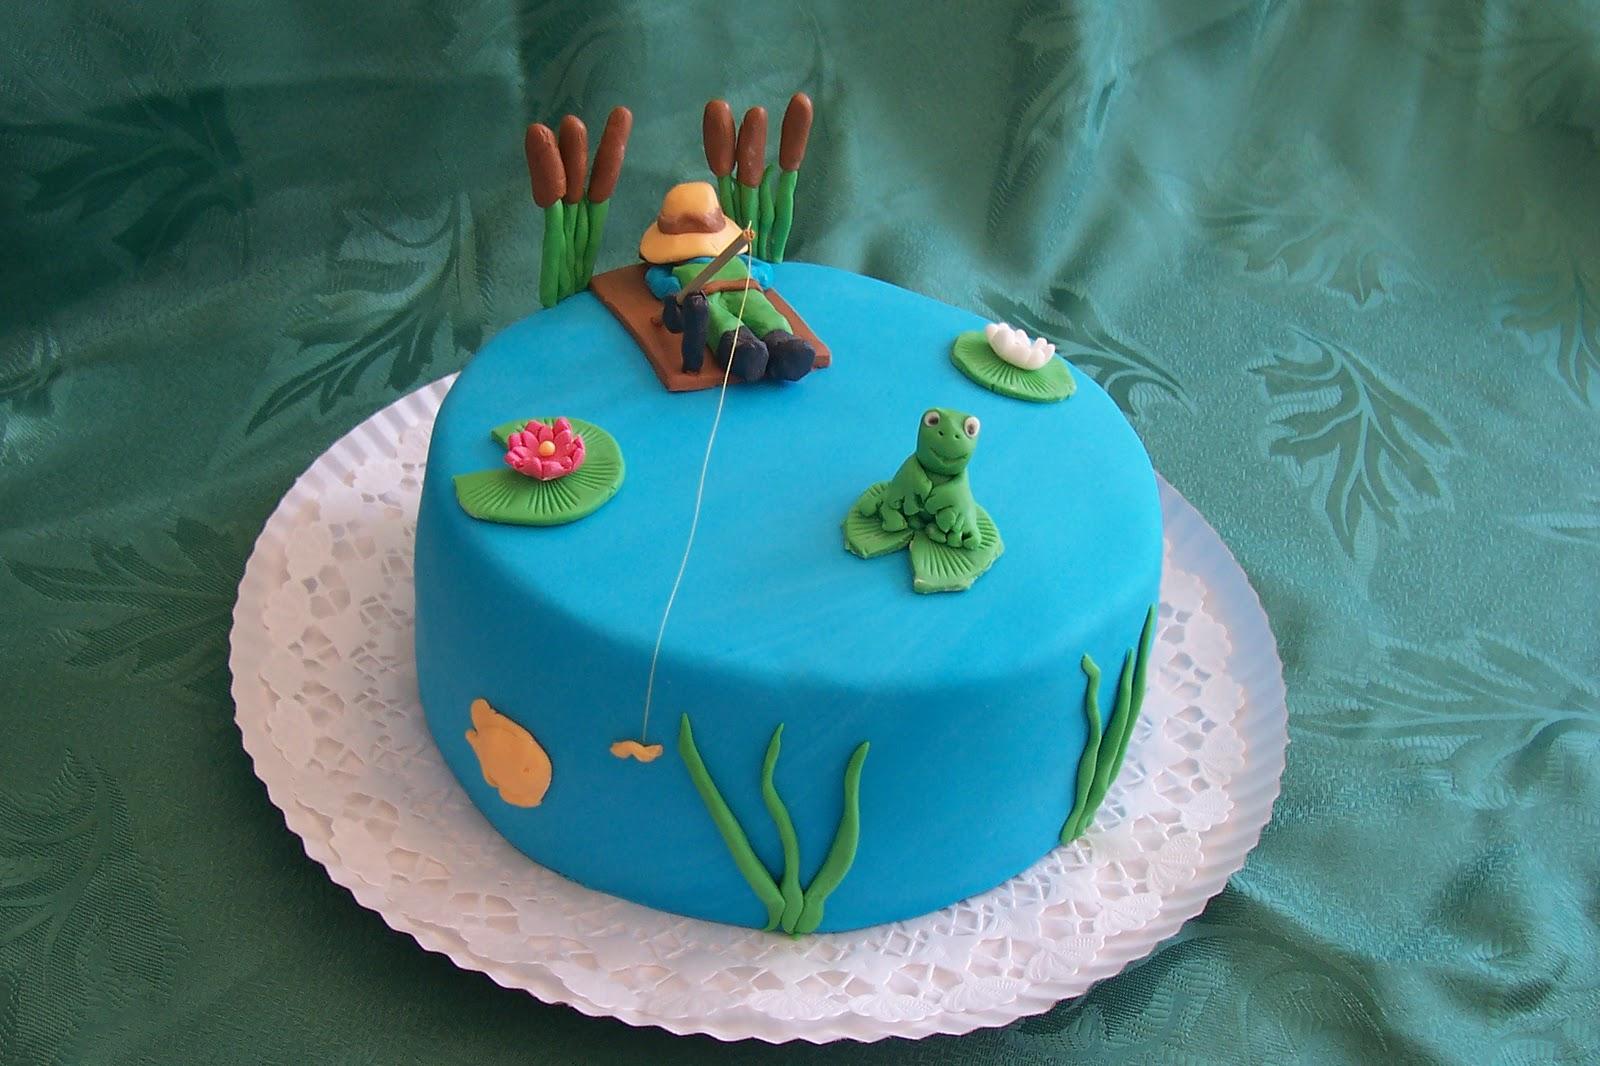 horgászos szülinapi képek Anyatigris tortái: HORGÁSZOS TORTA horgászos szülinapi képek